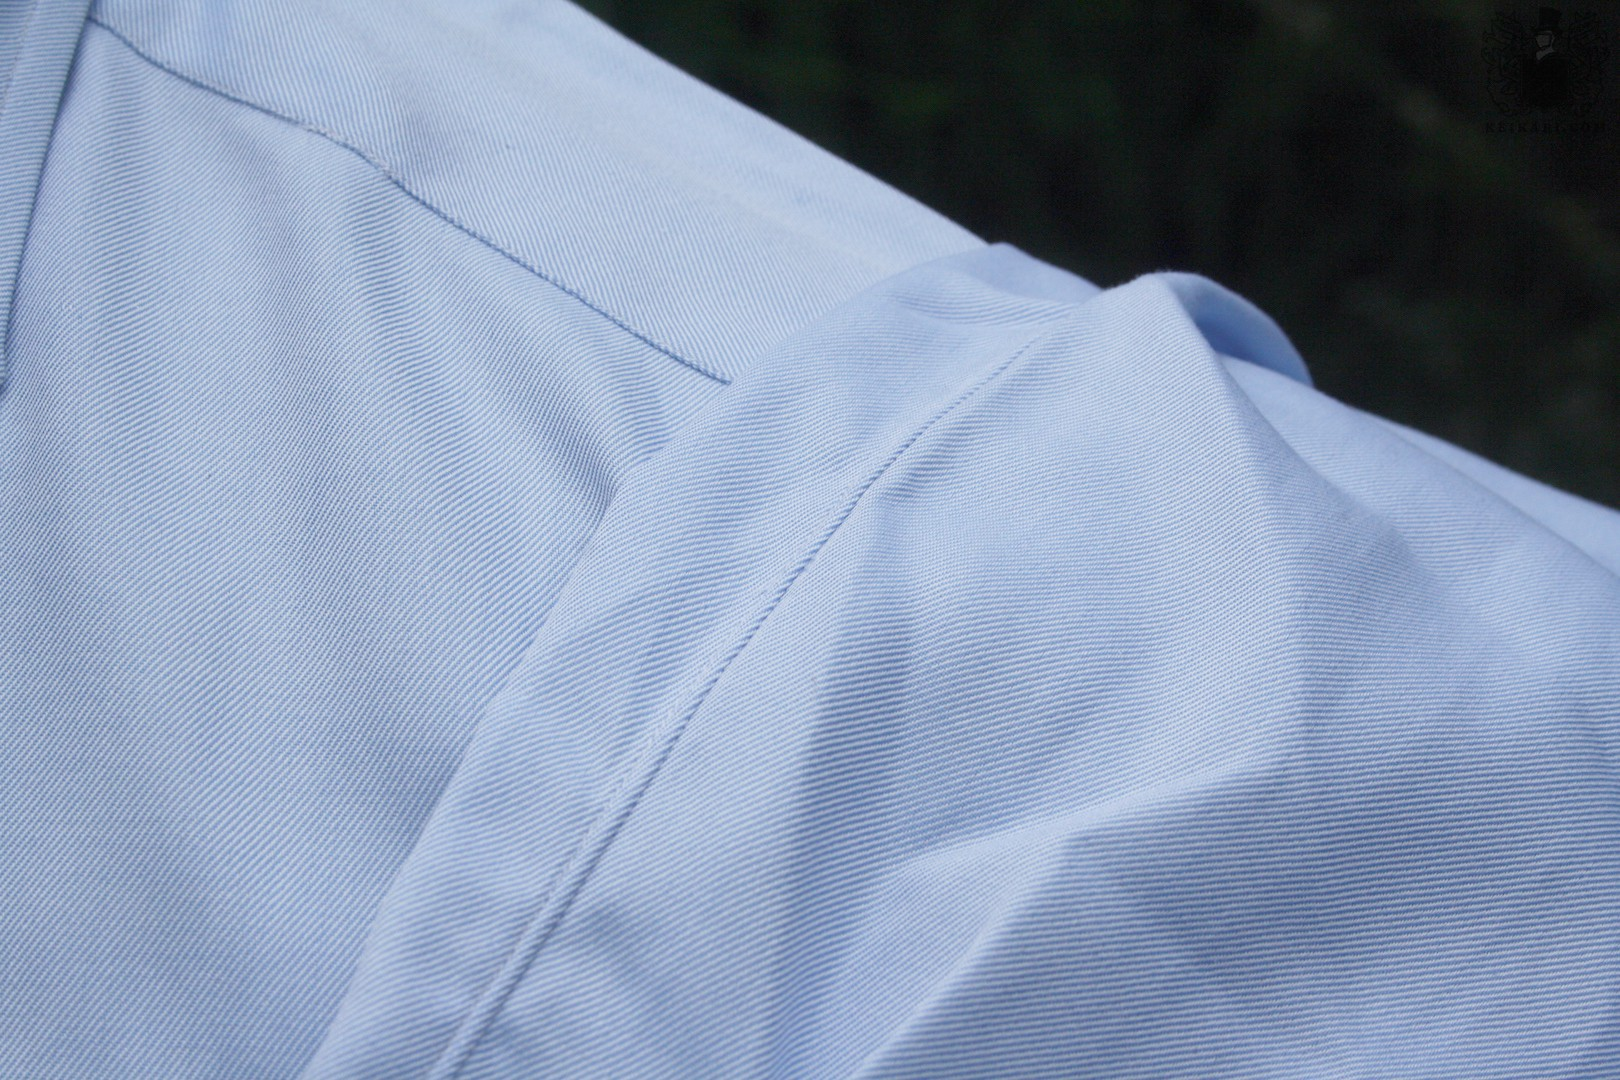 Anatomy_of_an_Isaia_shirt_at_Keikari_dot_com07